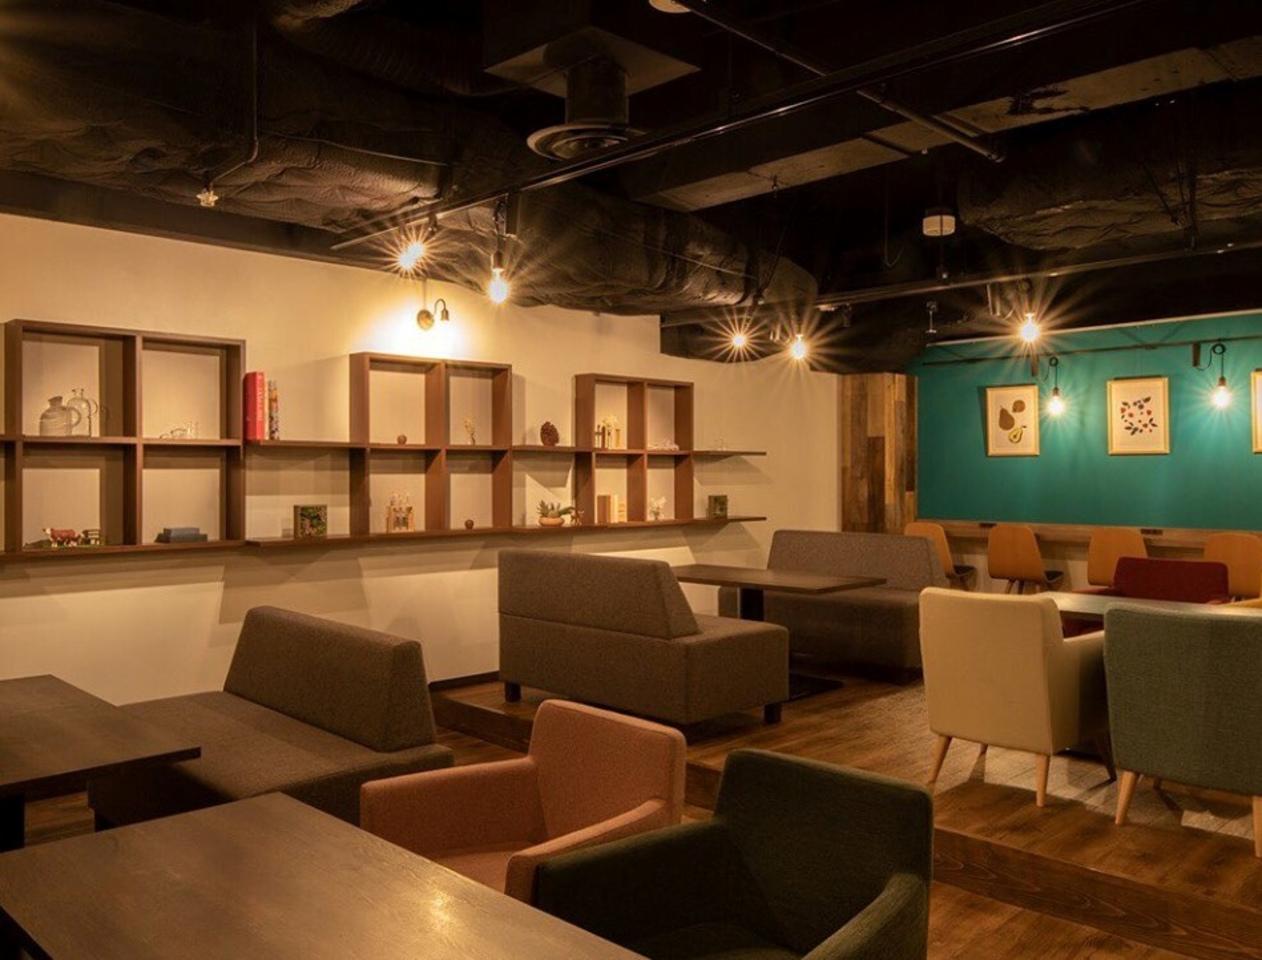 札幌市中央区北1条西3丁目にカフェ&スイーツ×バー「ミライスト」が明日移転グランドオープン。